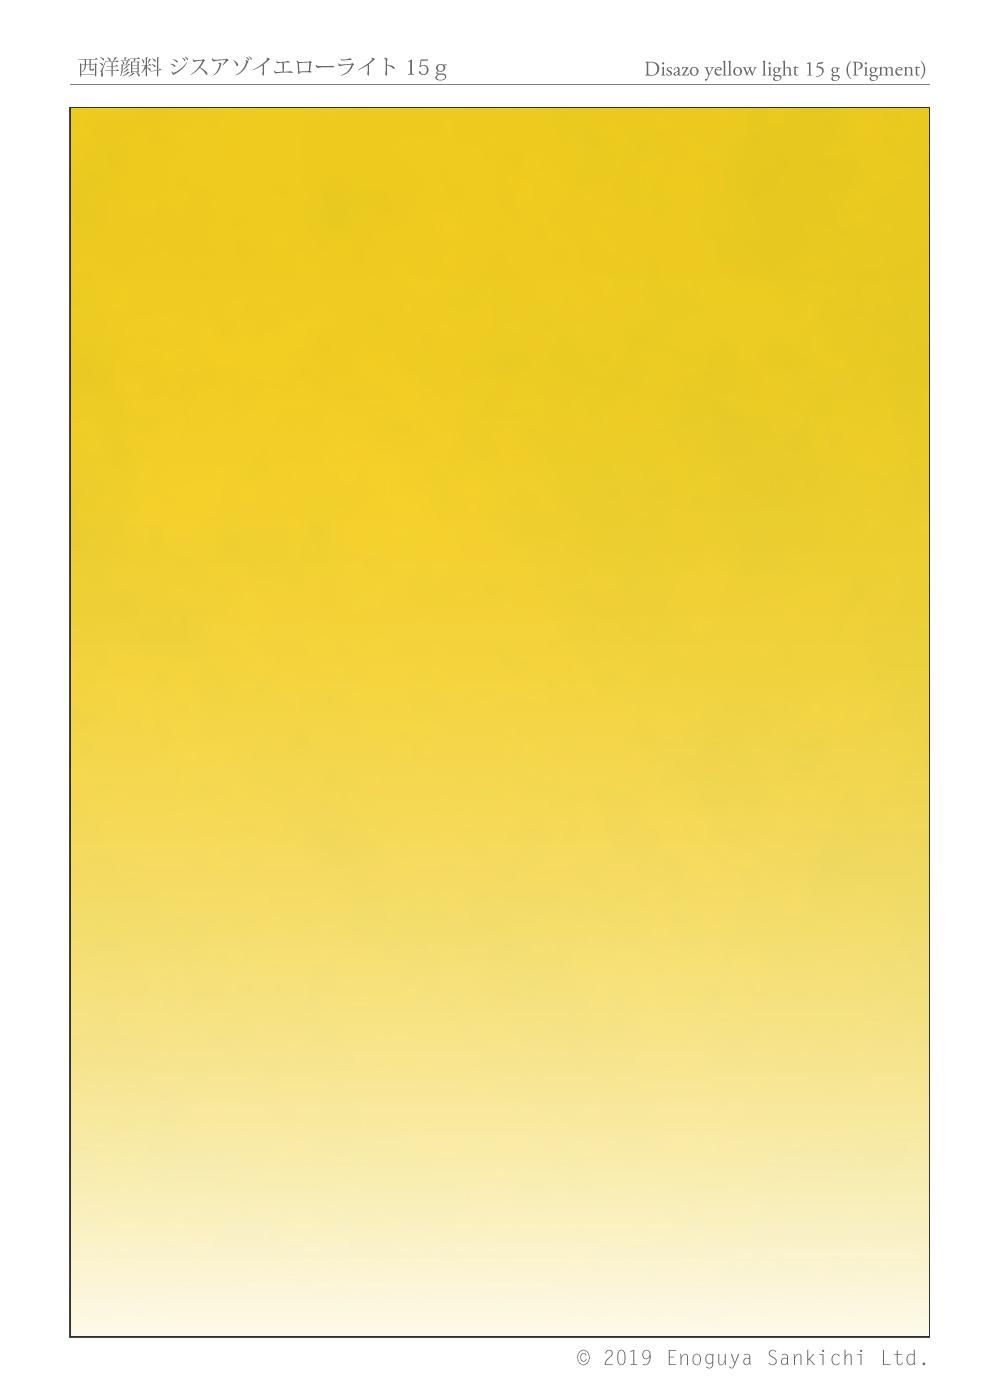 西洋顔料 ジスアゾイエローライト 15g